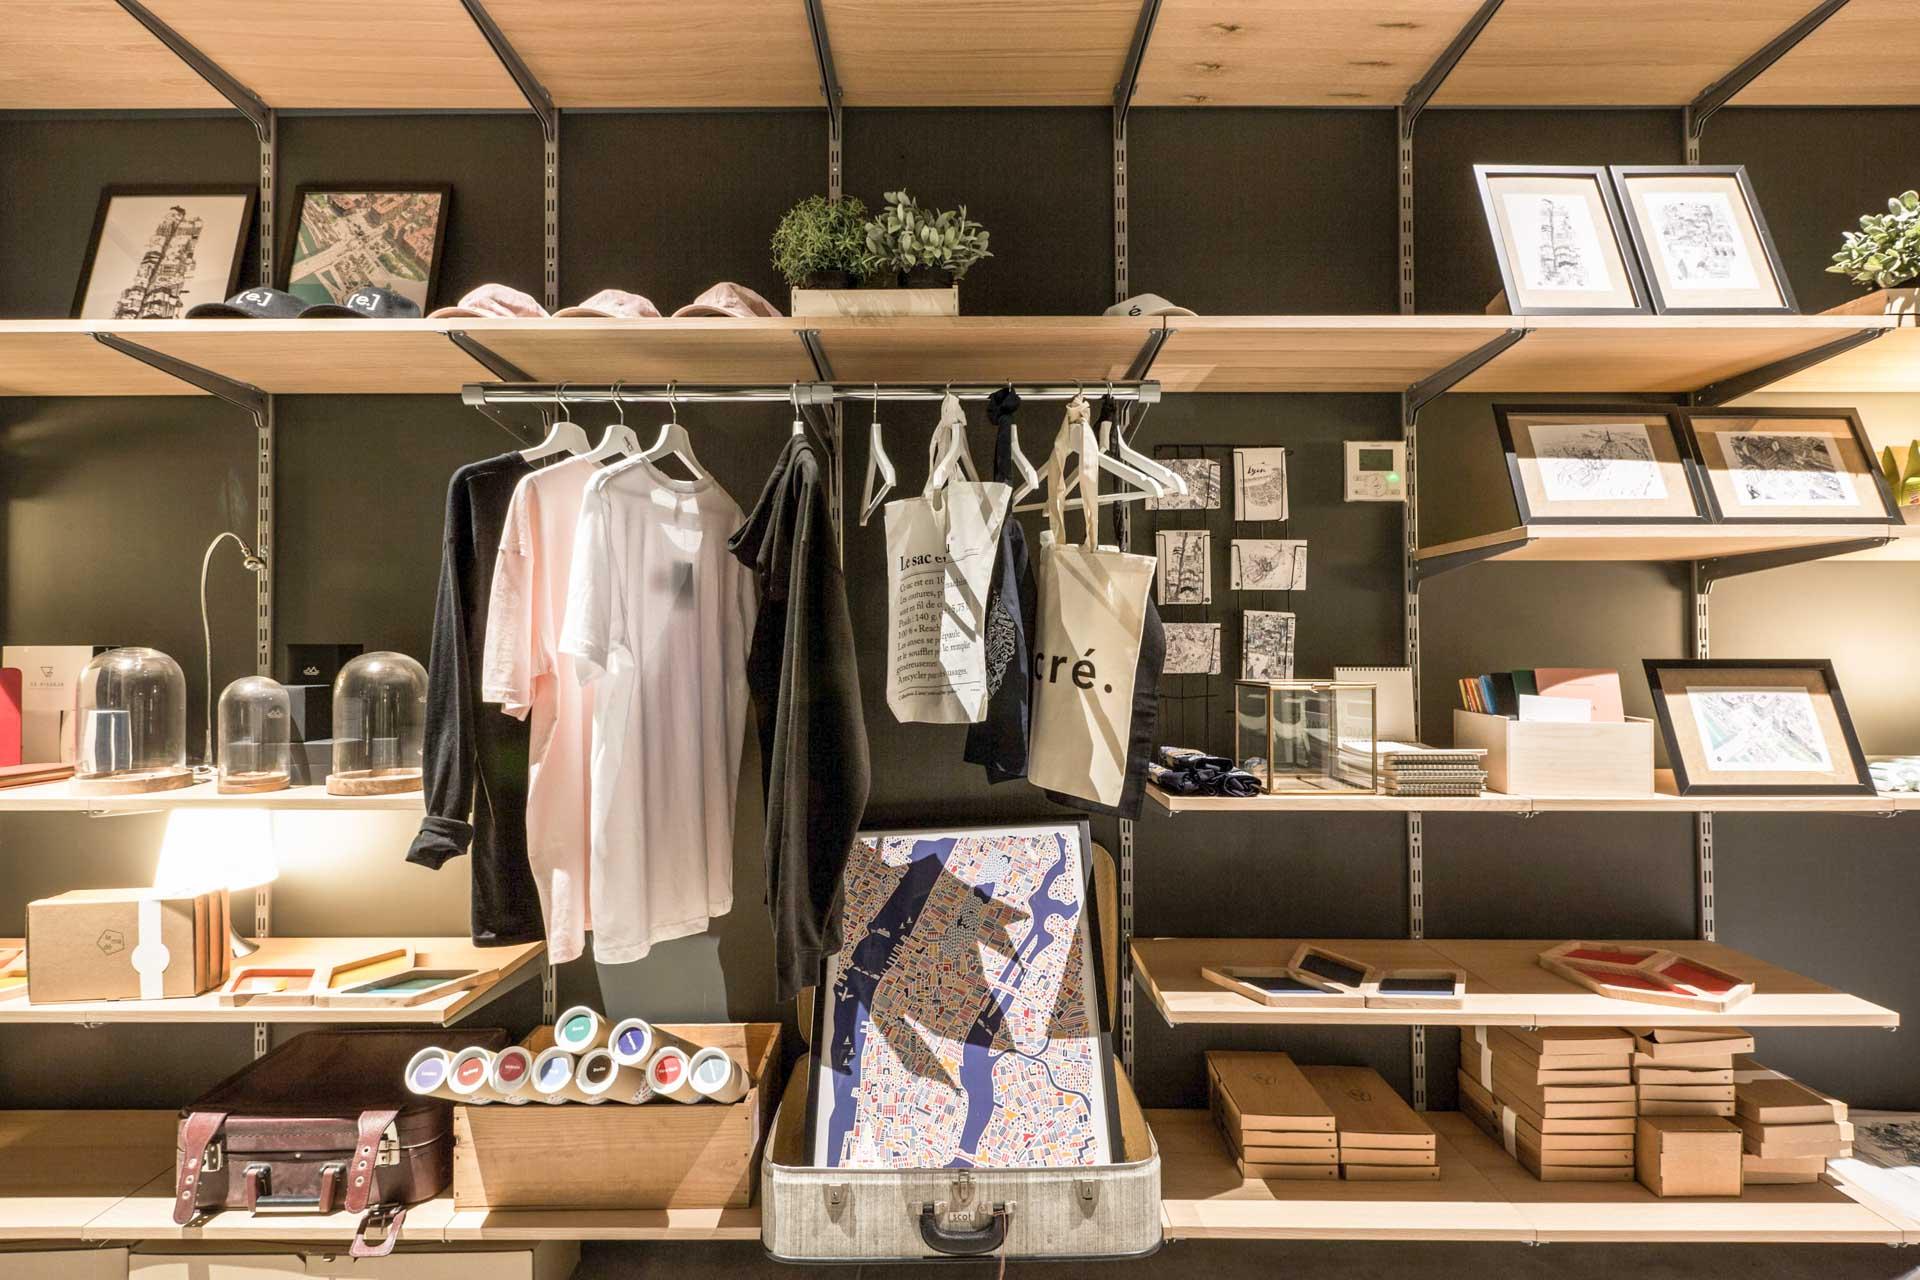 Enfin, deux pop up stores mettent en avant des sélections d'objets de créateurs soigneusement sélectionnés